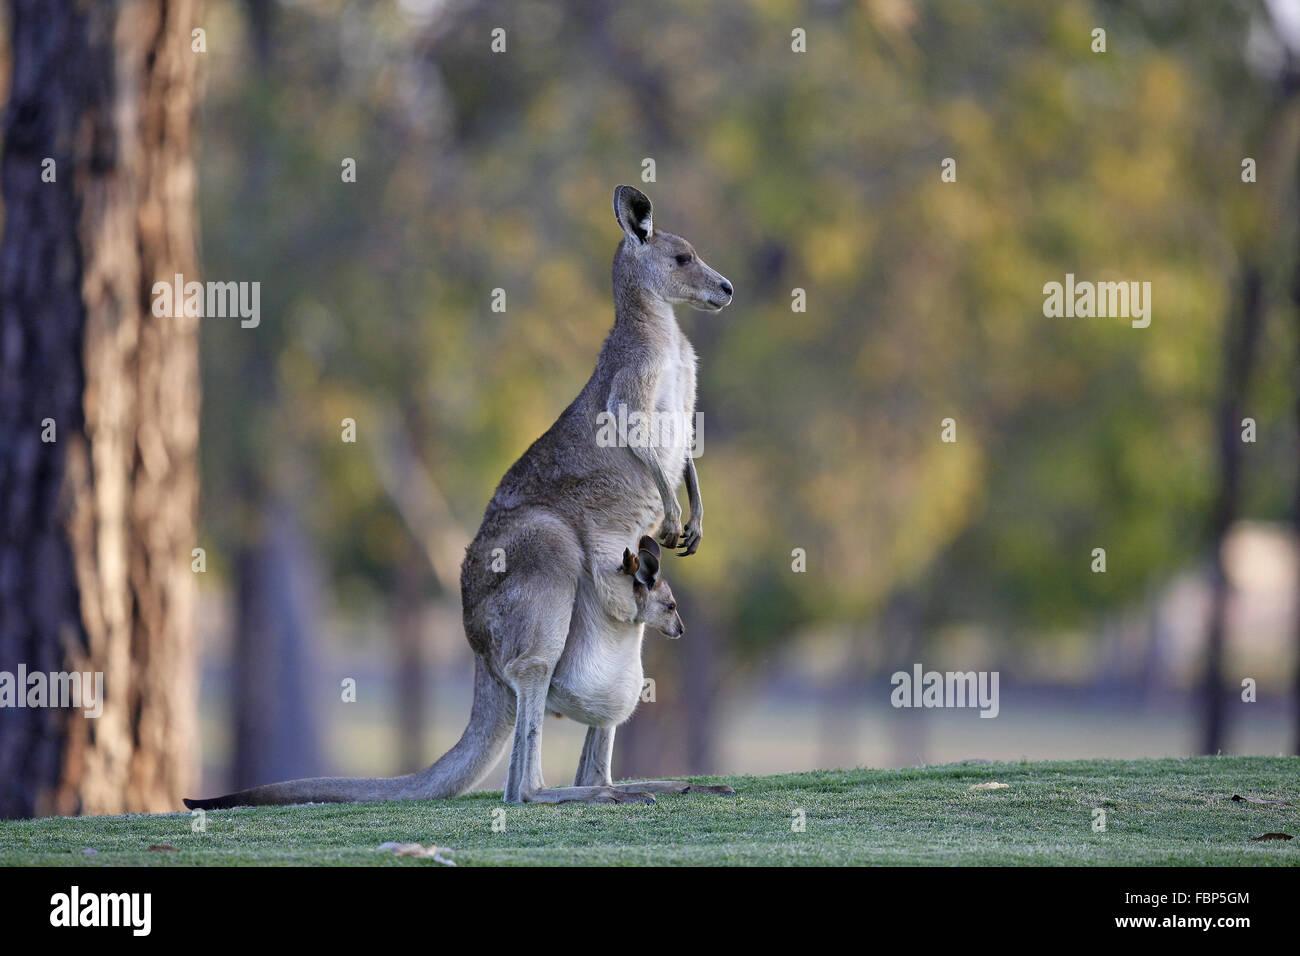 Eastern Grey Kangaroo, Macropus giganteus, with joey in pouch - Stock Image